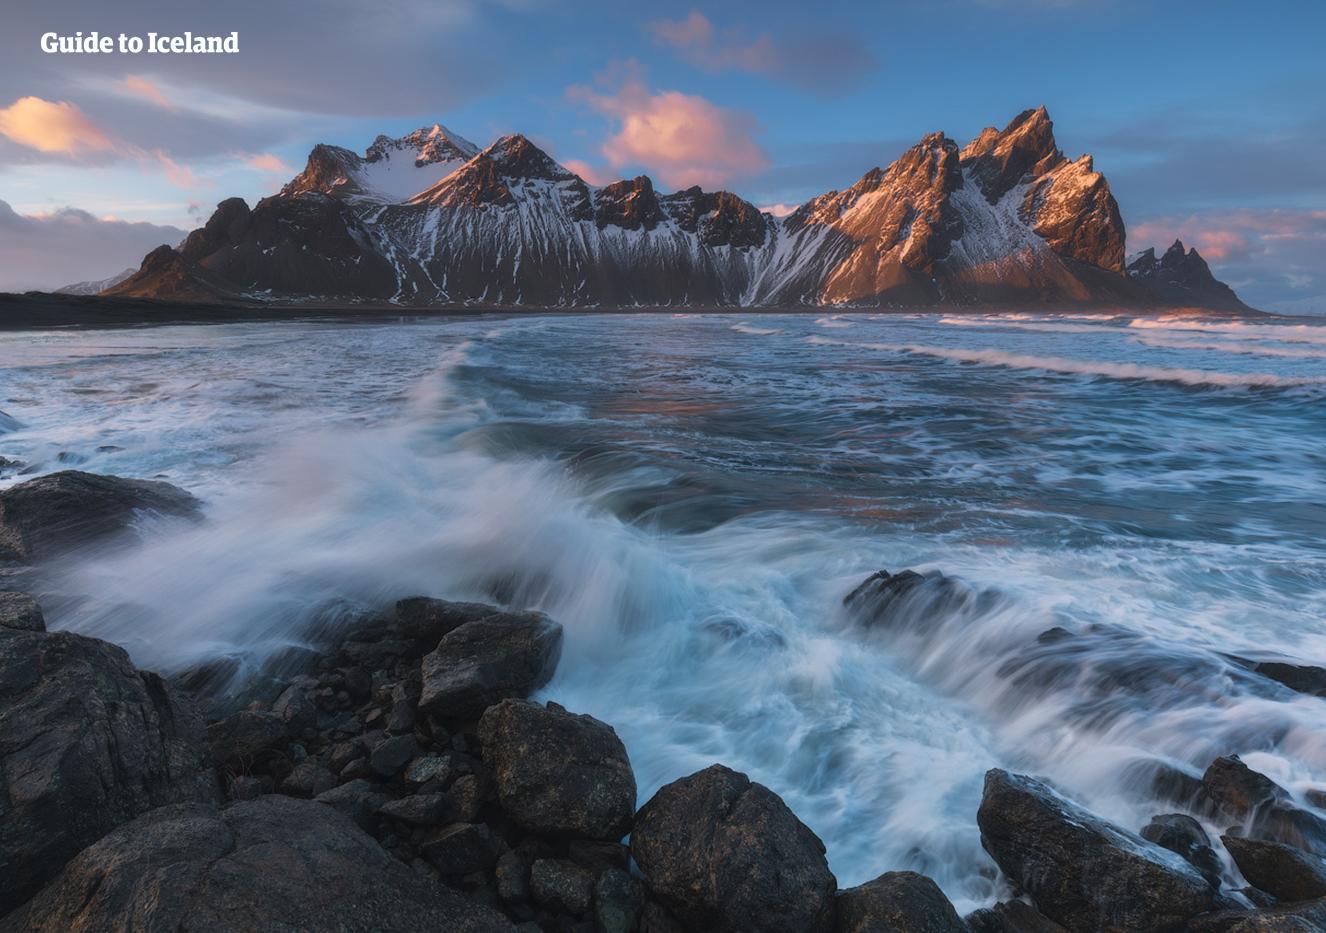 霍芬镇旁的西角山造型独特,配以大西洋的狂风大浪,完美演示着冬季冰岛的精髓所在